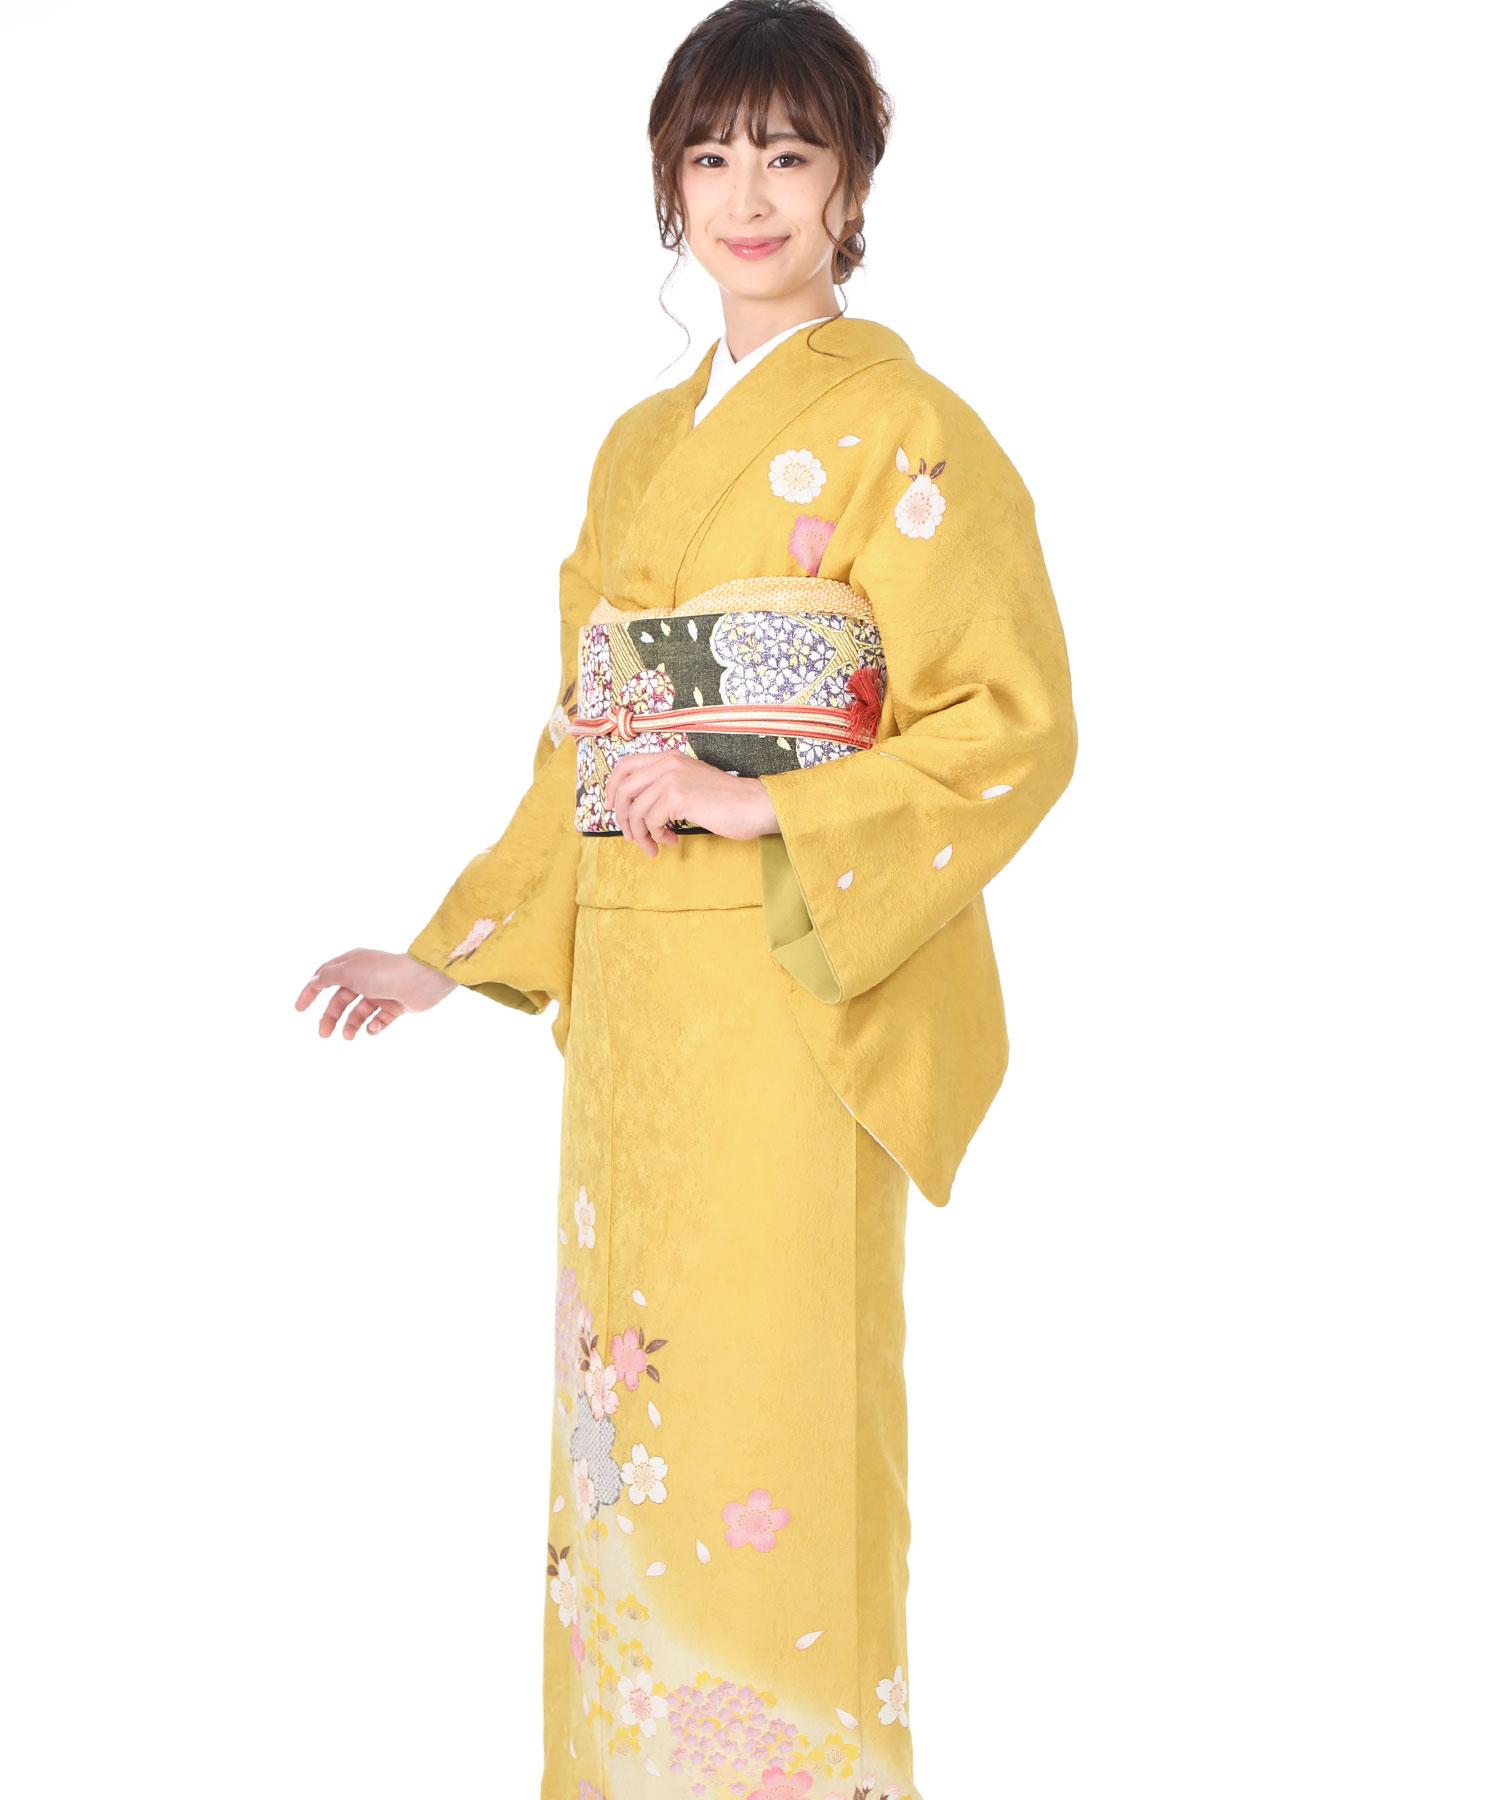 訪問着| 黄色に桜 | H0012 | L